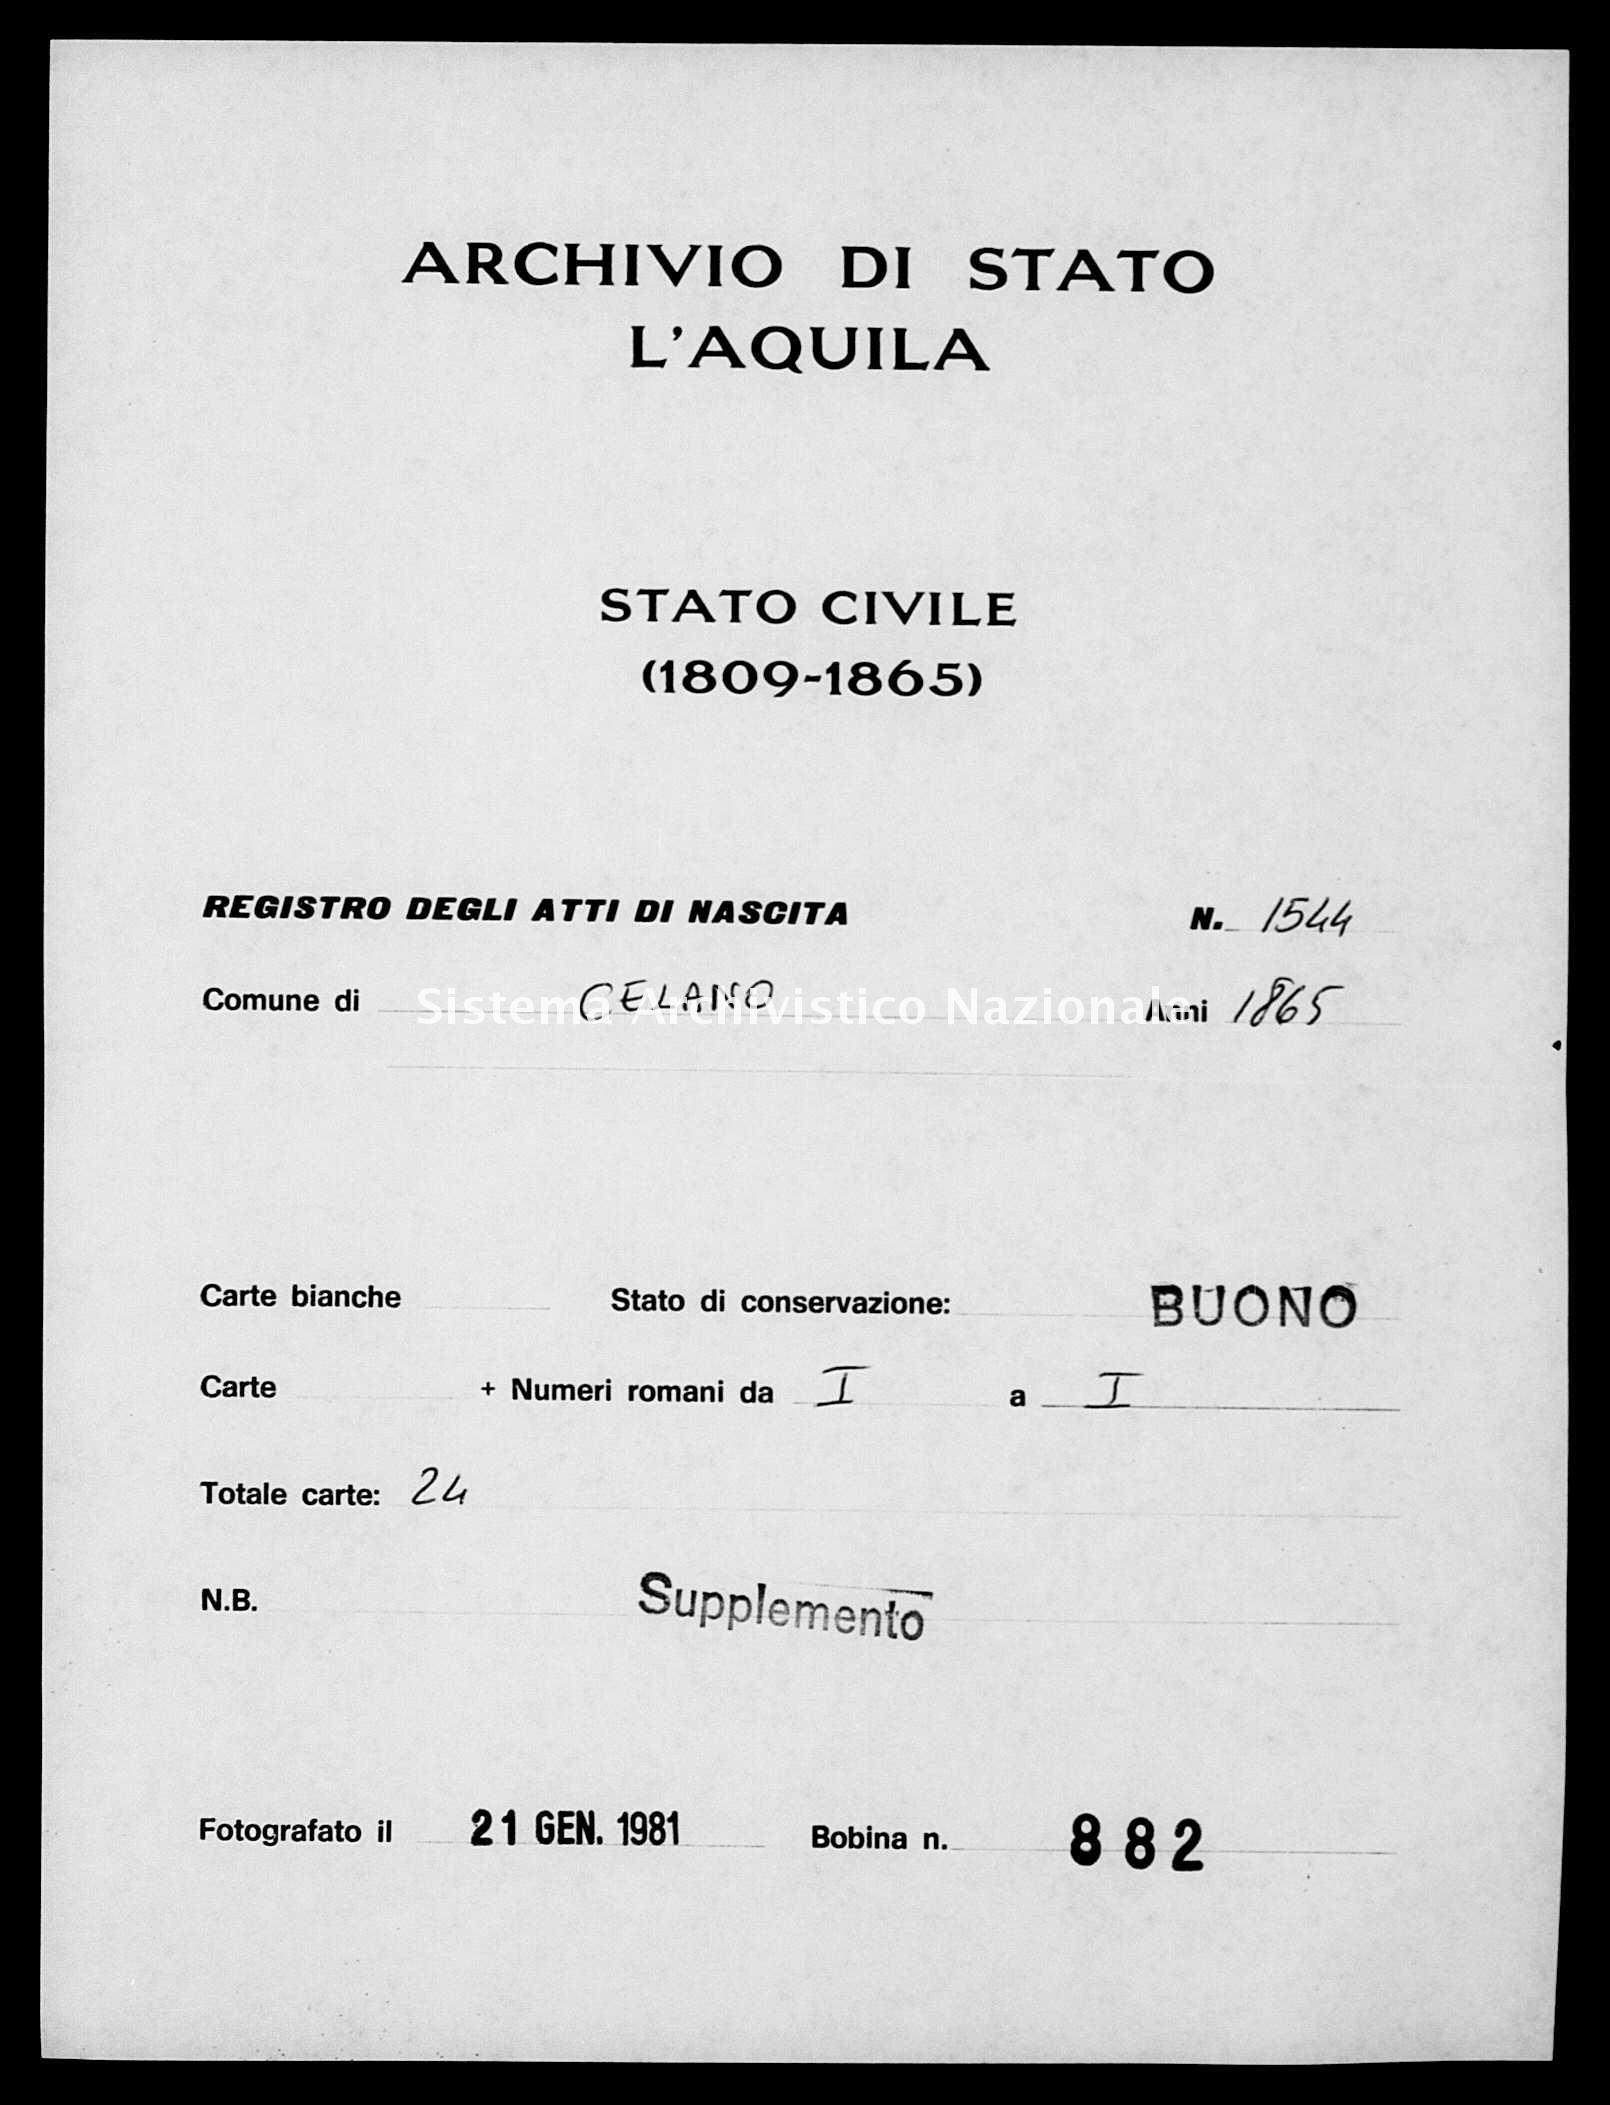 Archivio di stato di L'aquila - Stato civile italiano - Celano - Nati, esposti - 1865 - 1544 -